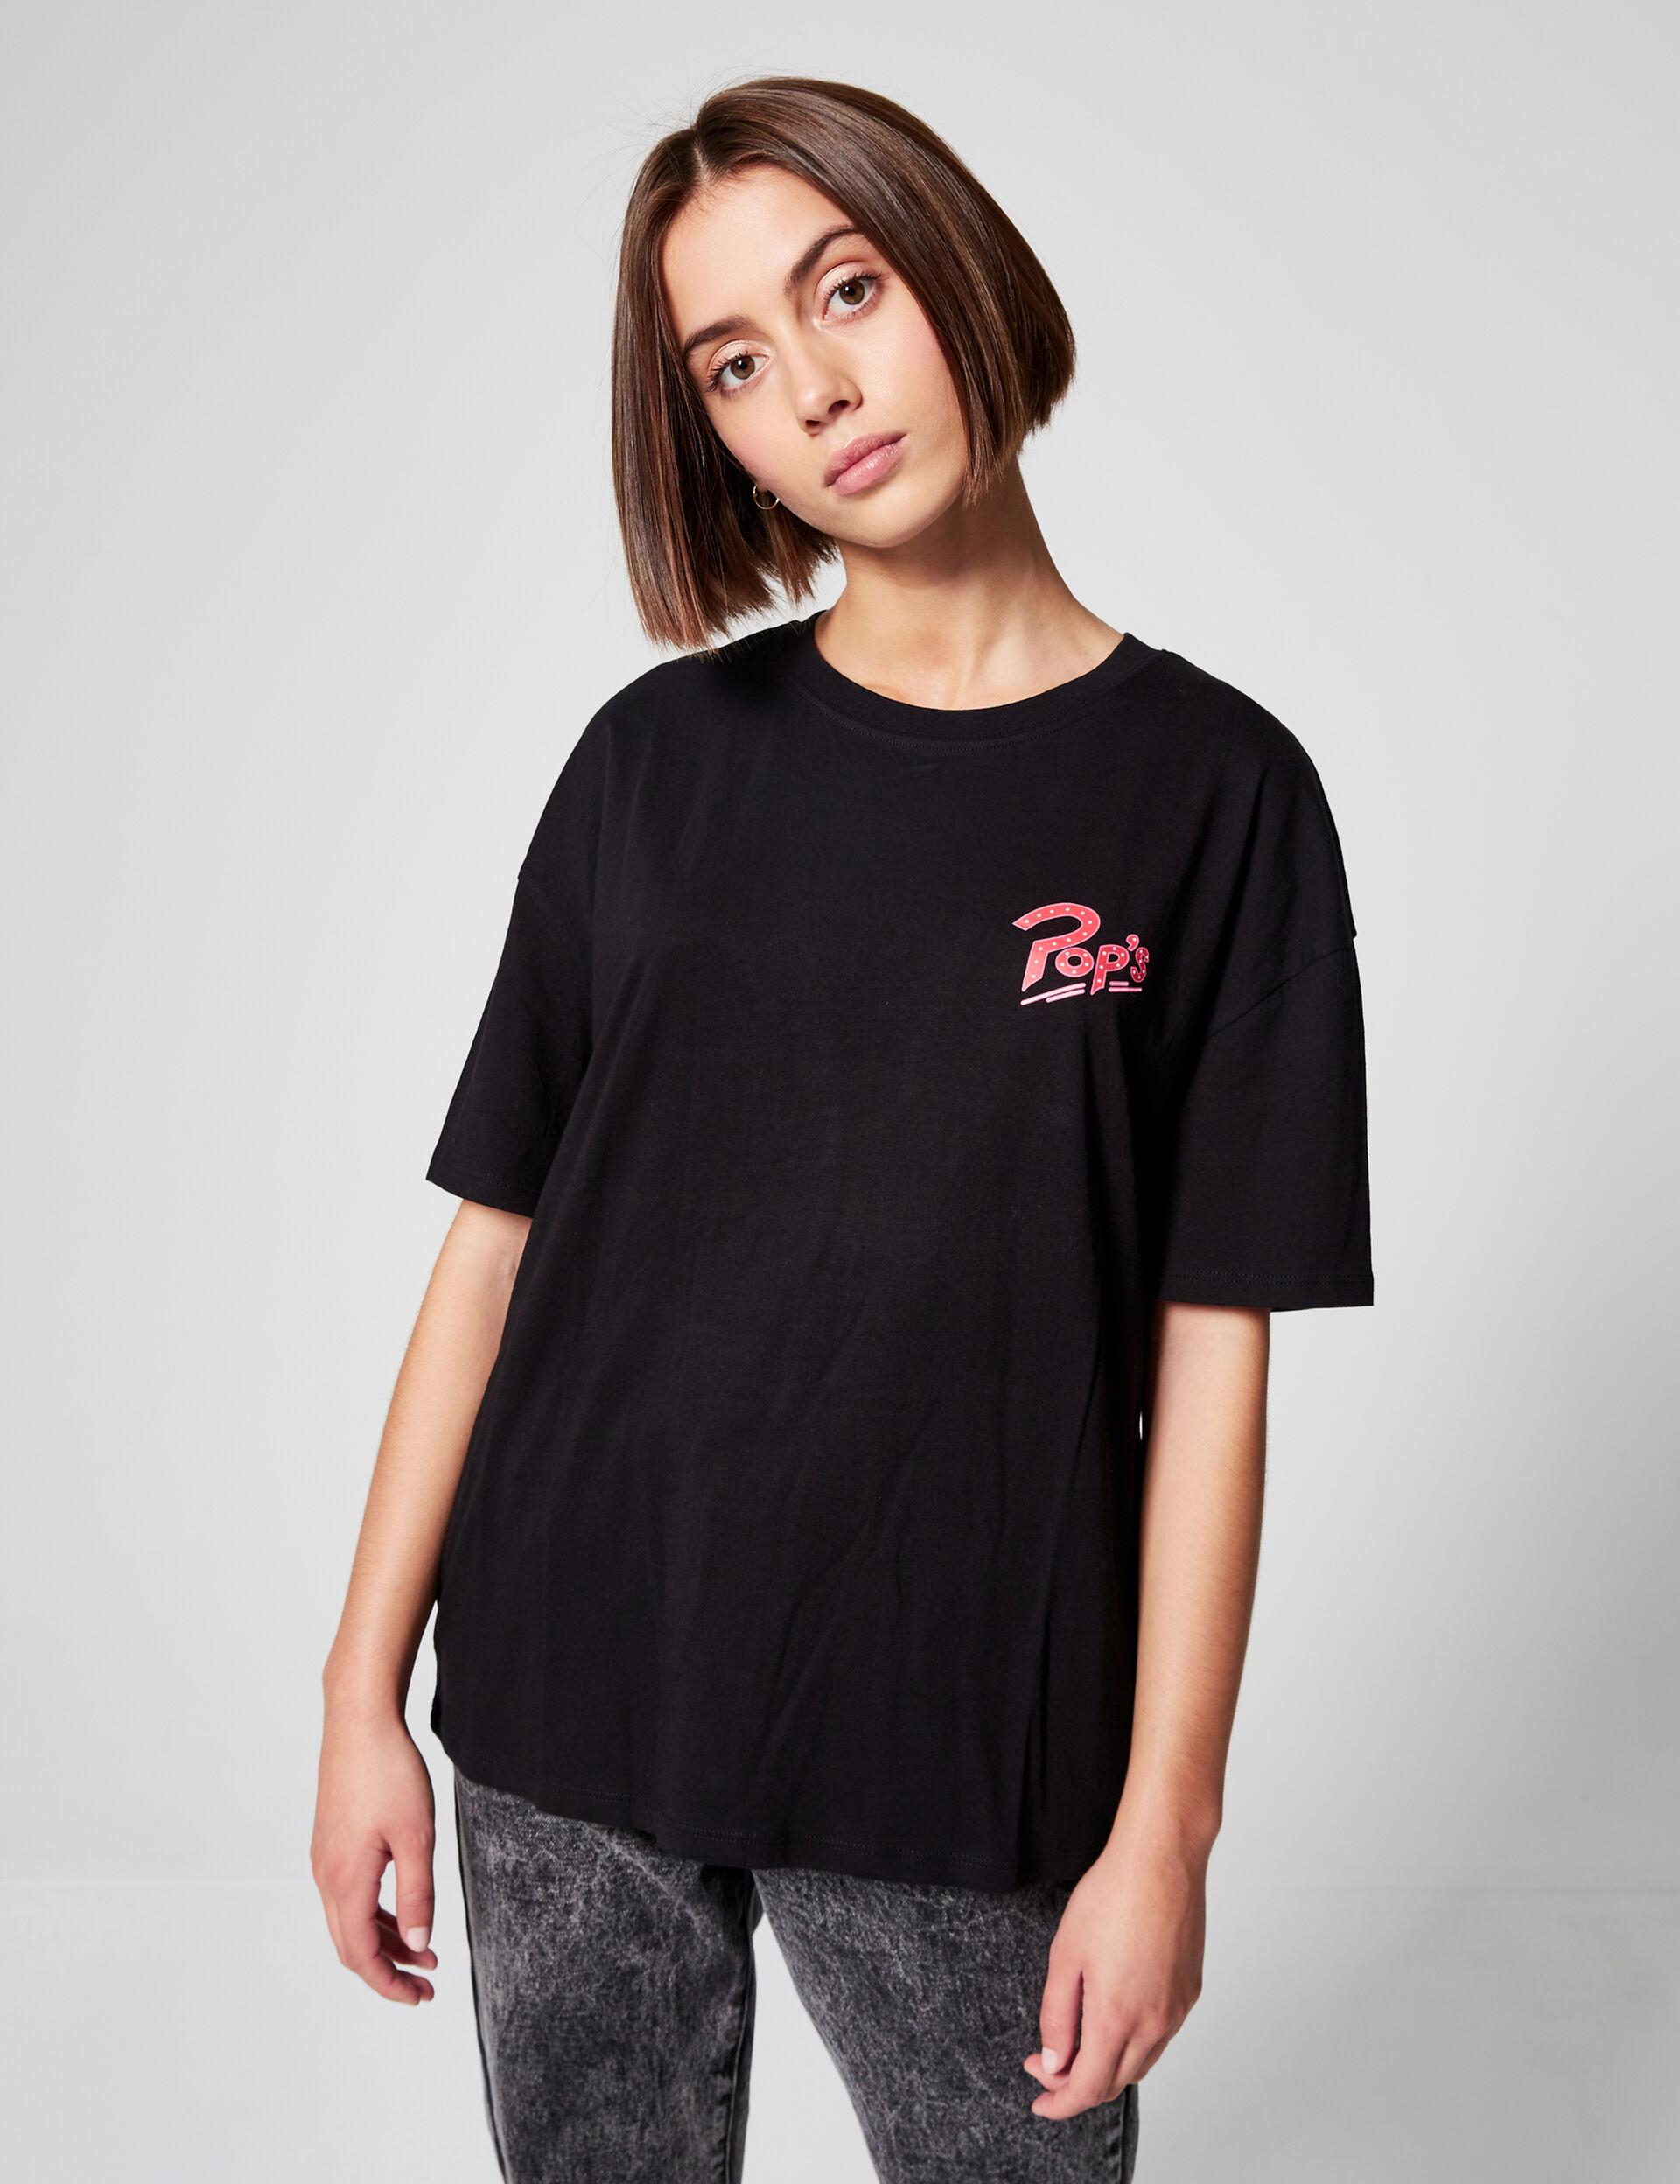 Tee-shirt Riverdale Pop's